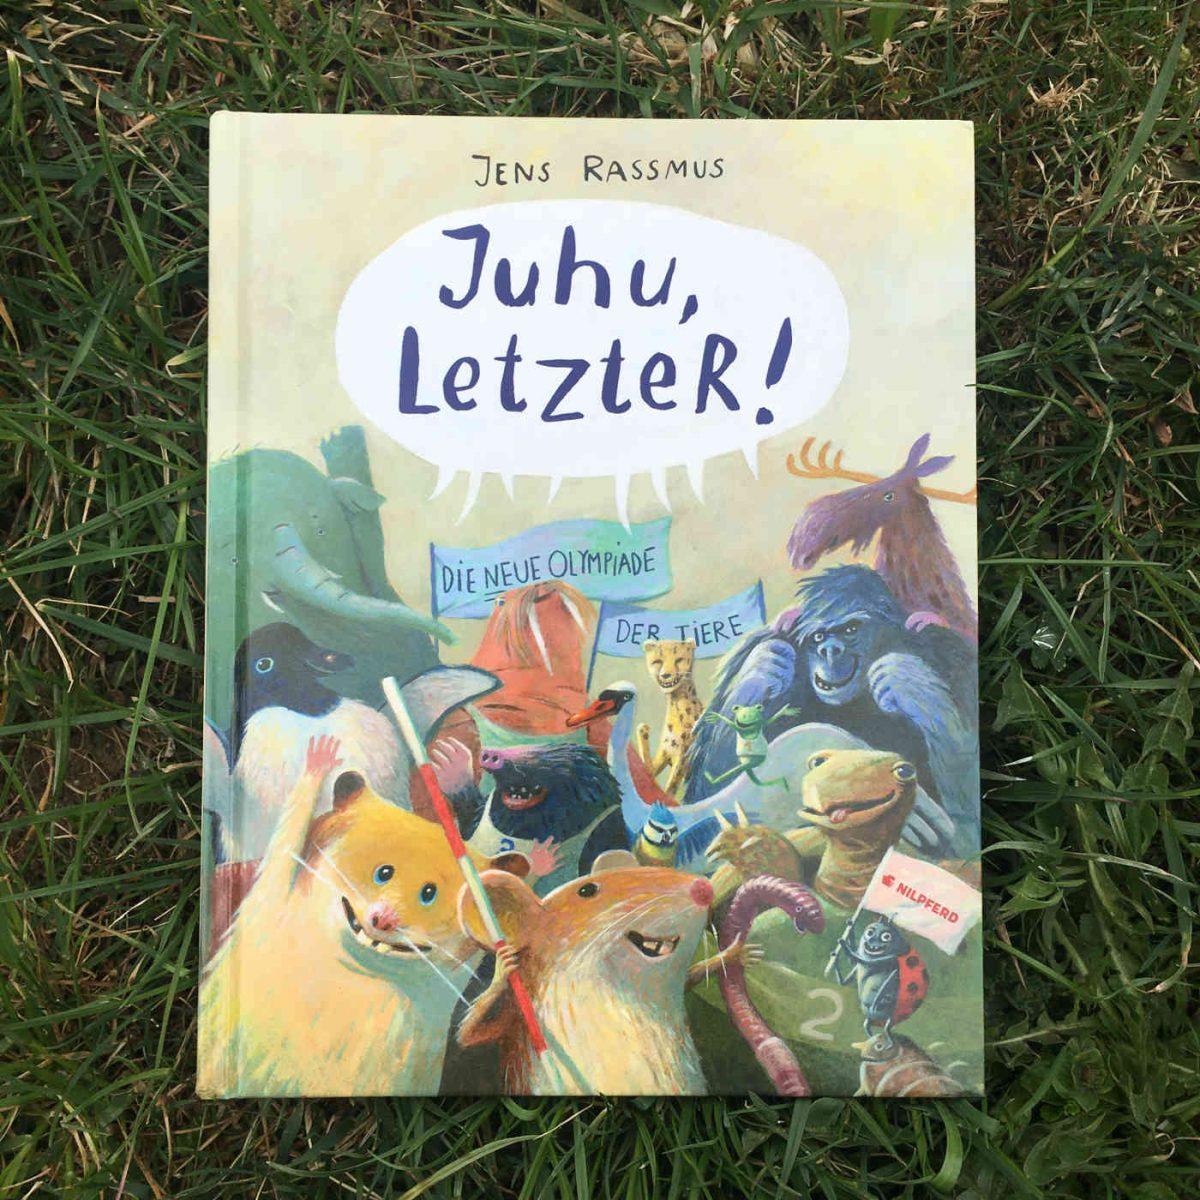 Jens Rassmus: Juhu, LetzteR! Die neue Olympiade der Tiere